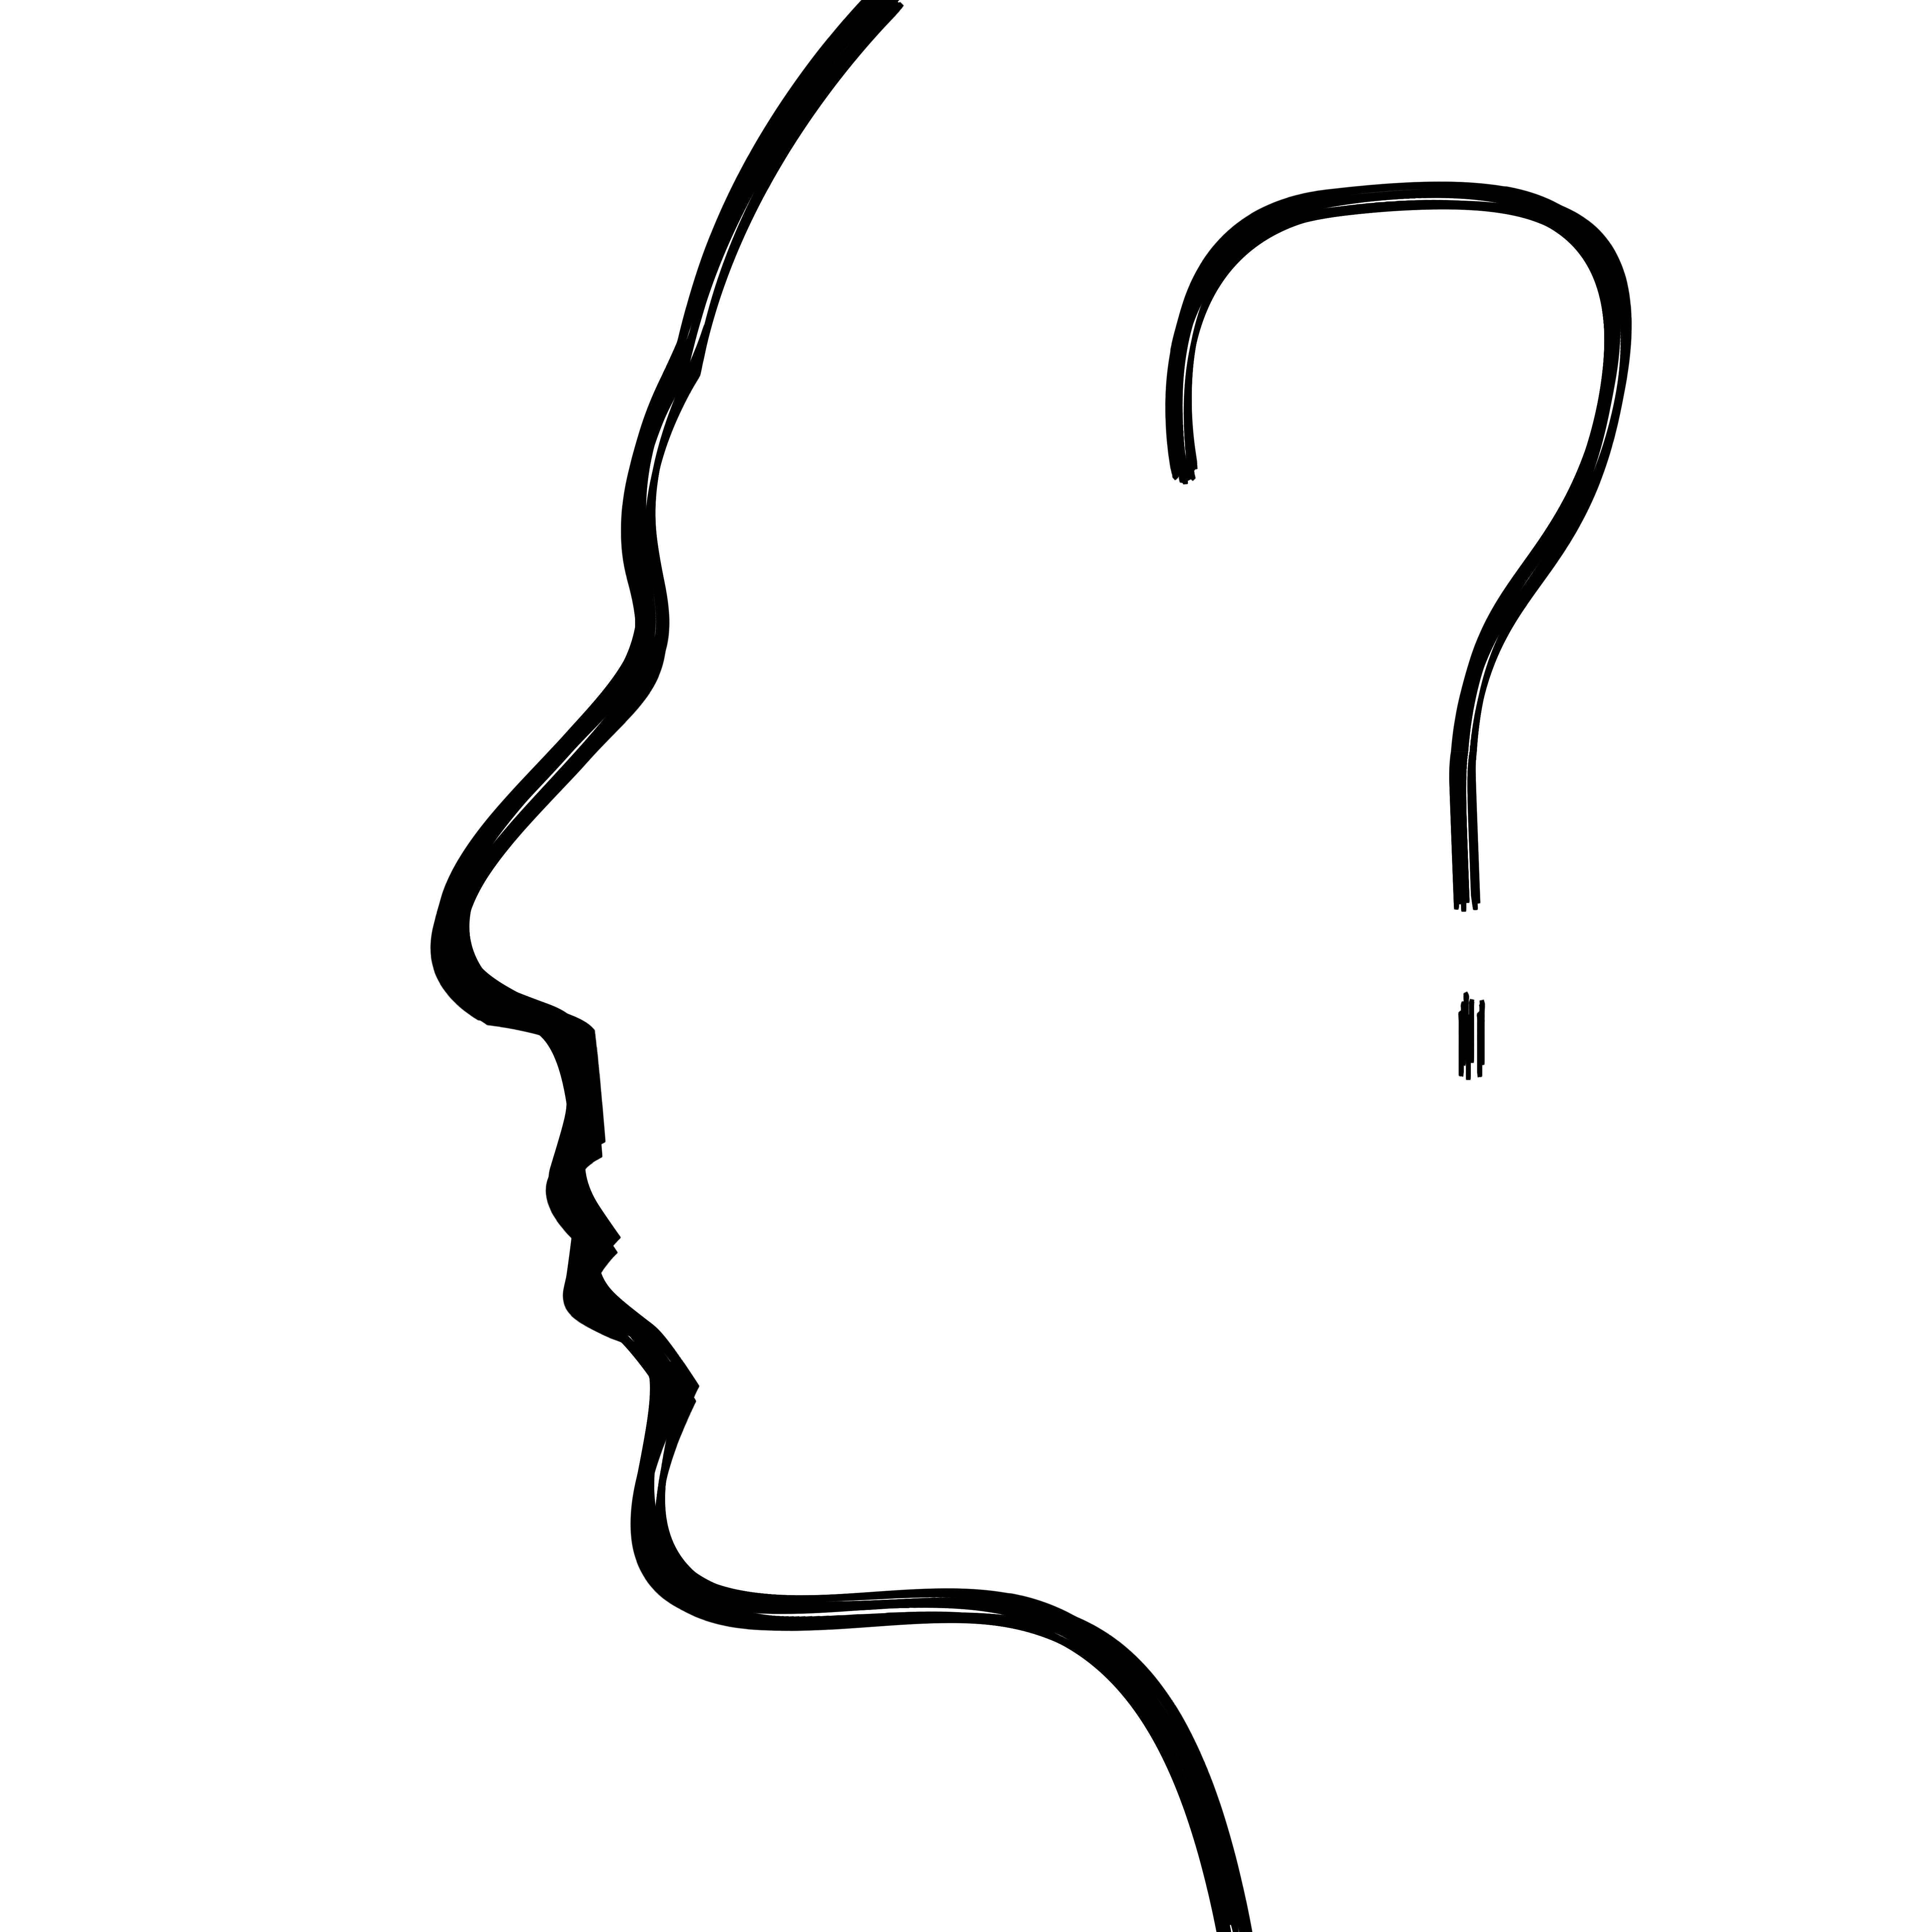 Drawing Smooth Lines Questions : Images gratuites noir et blanc ligne point monochrome